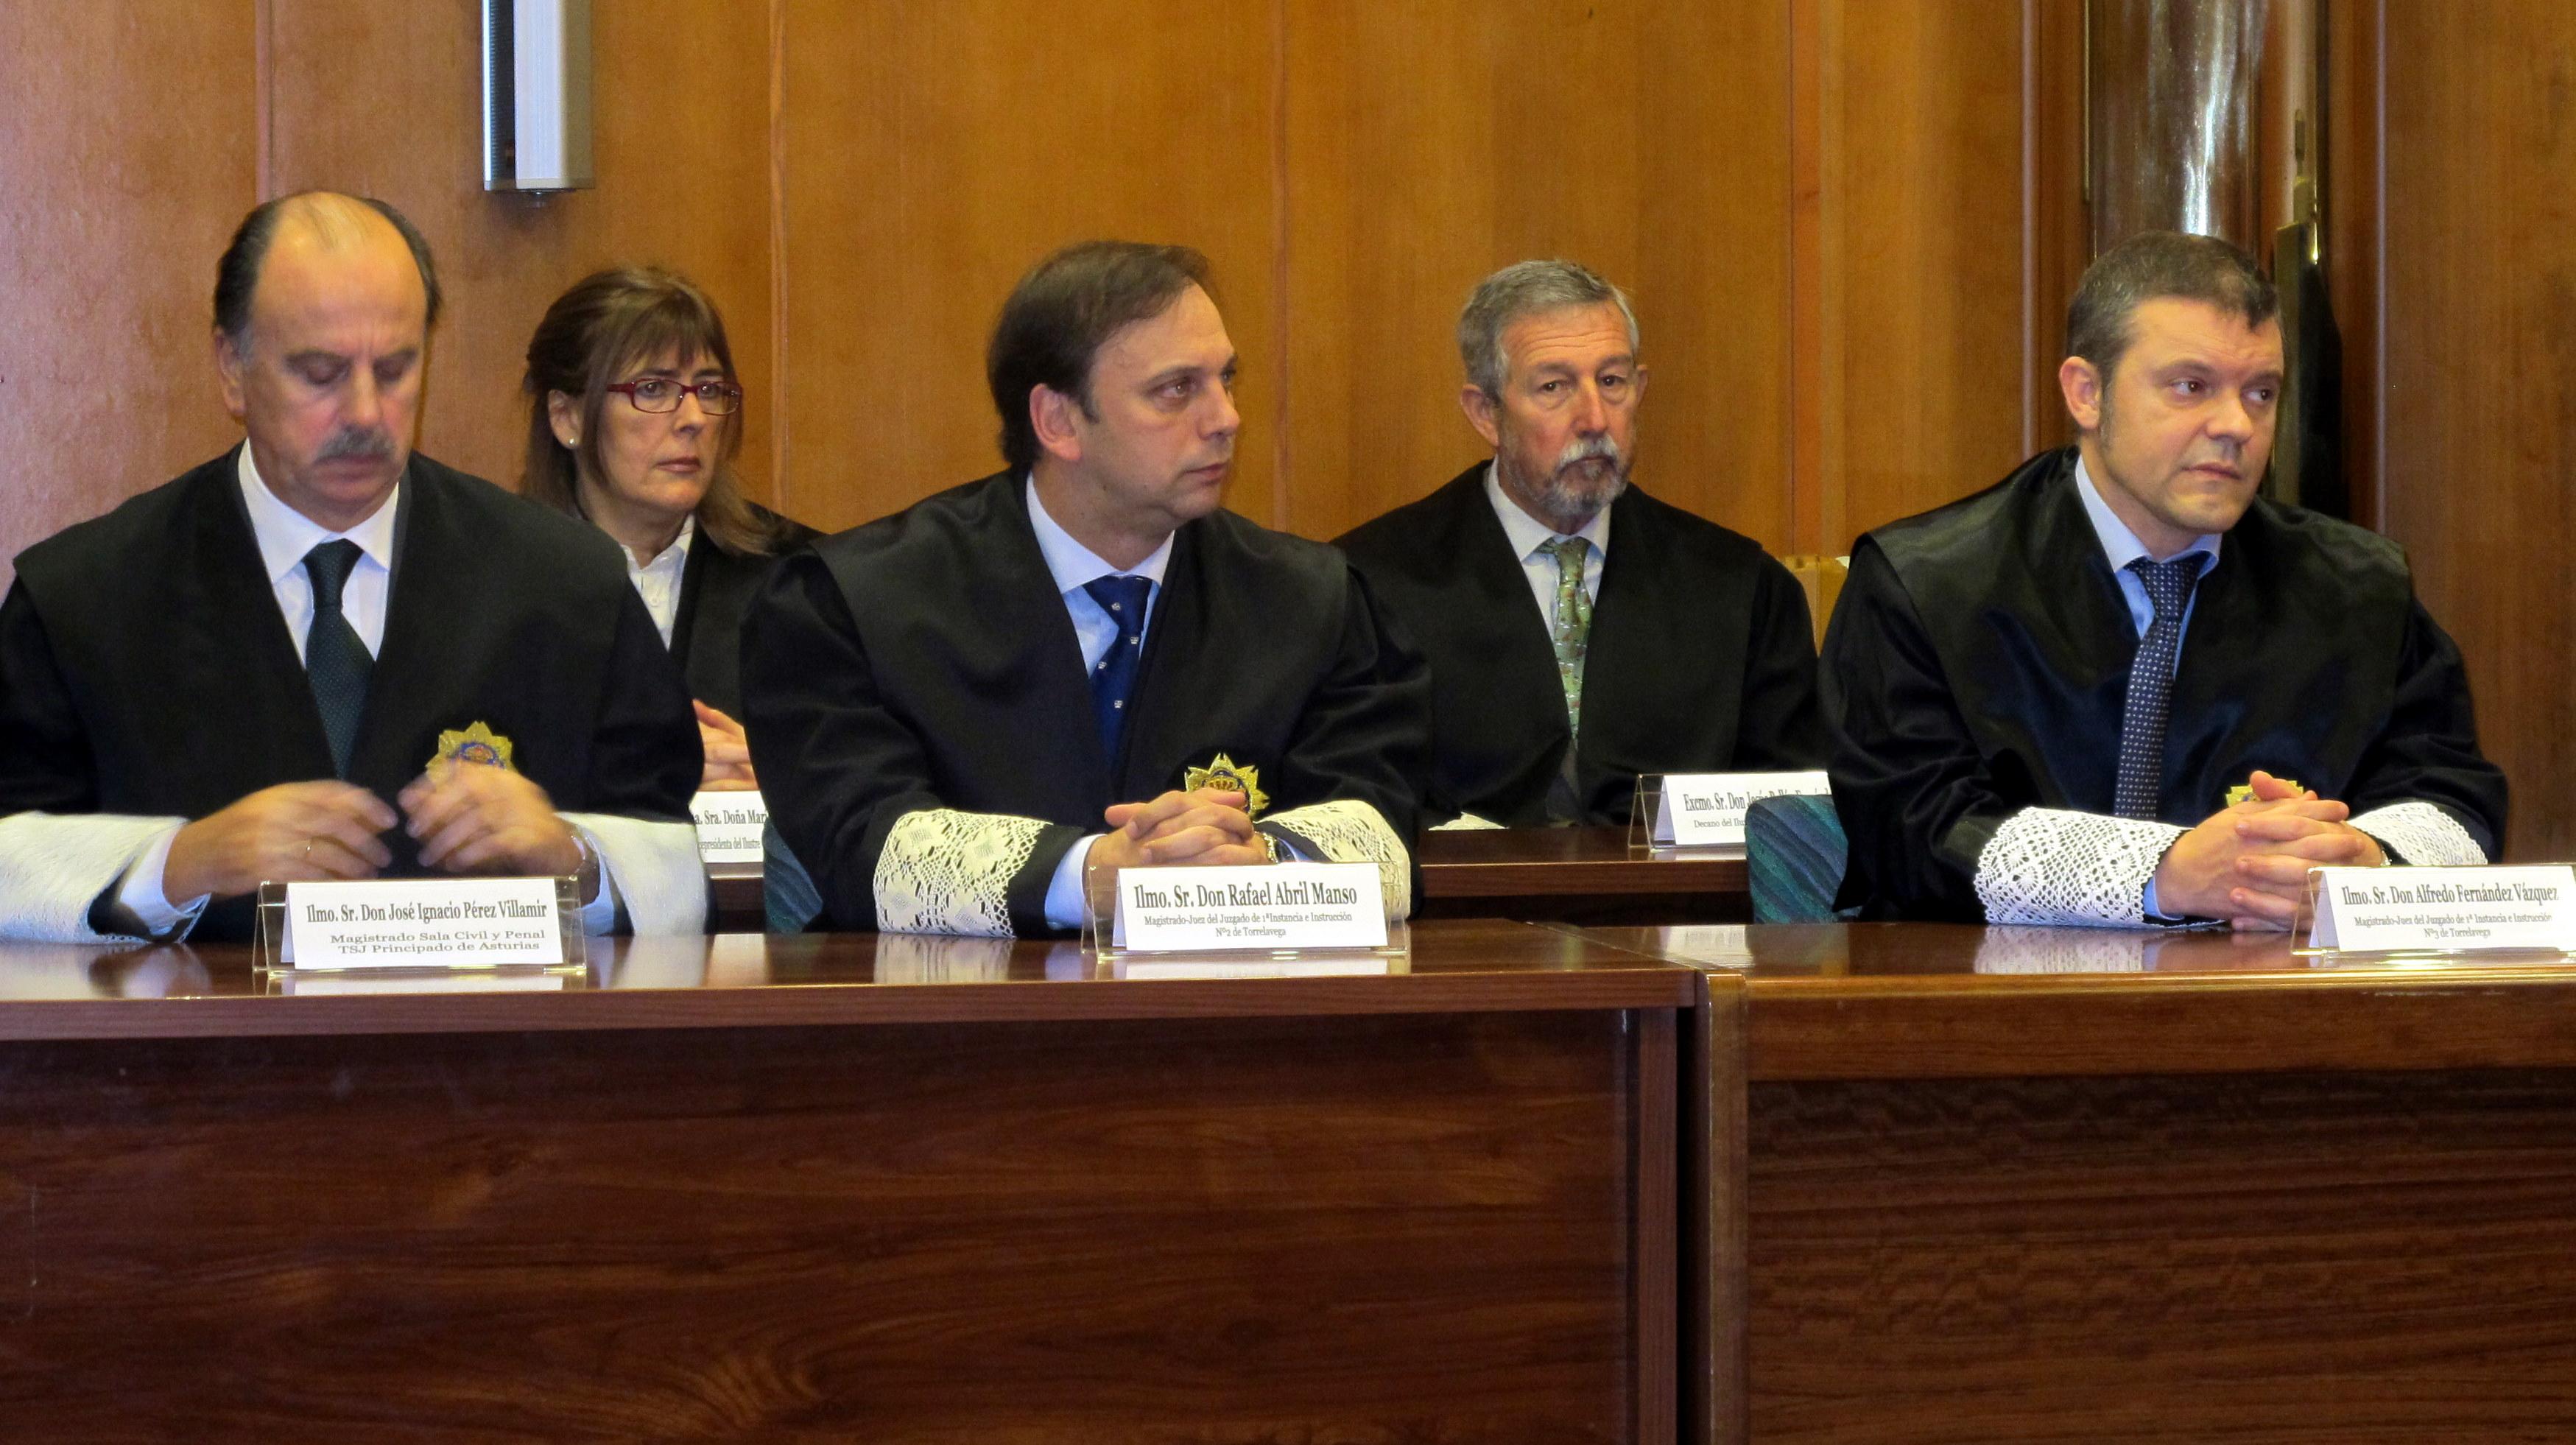 Jueces Cuarto Turno | C G P J Archivo De Notas De Prensa